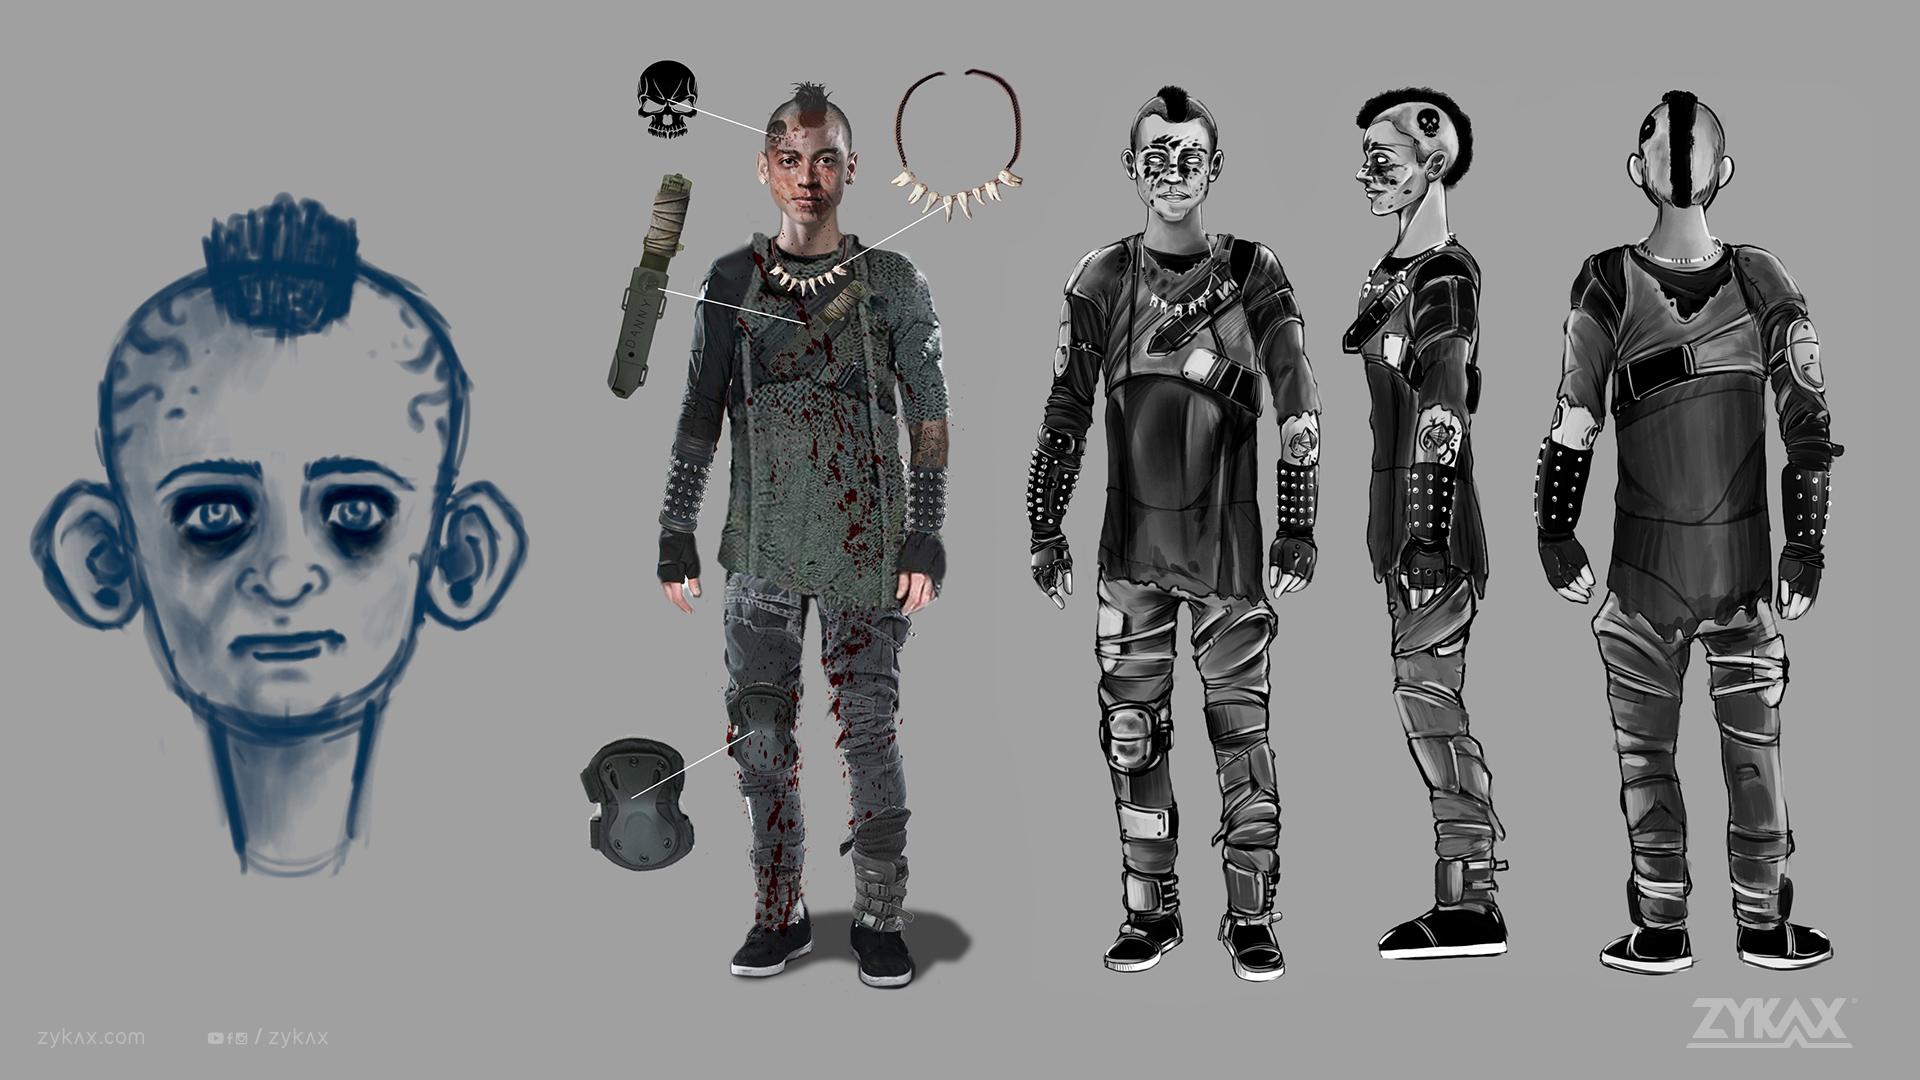 zykax servicios de animacion cortometraje rebirth 2